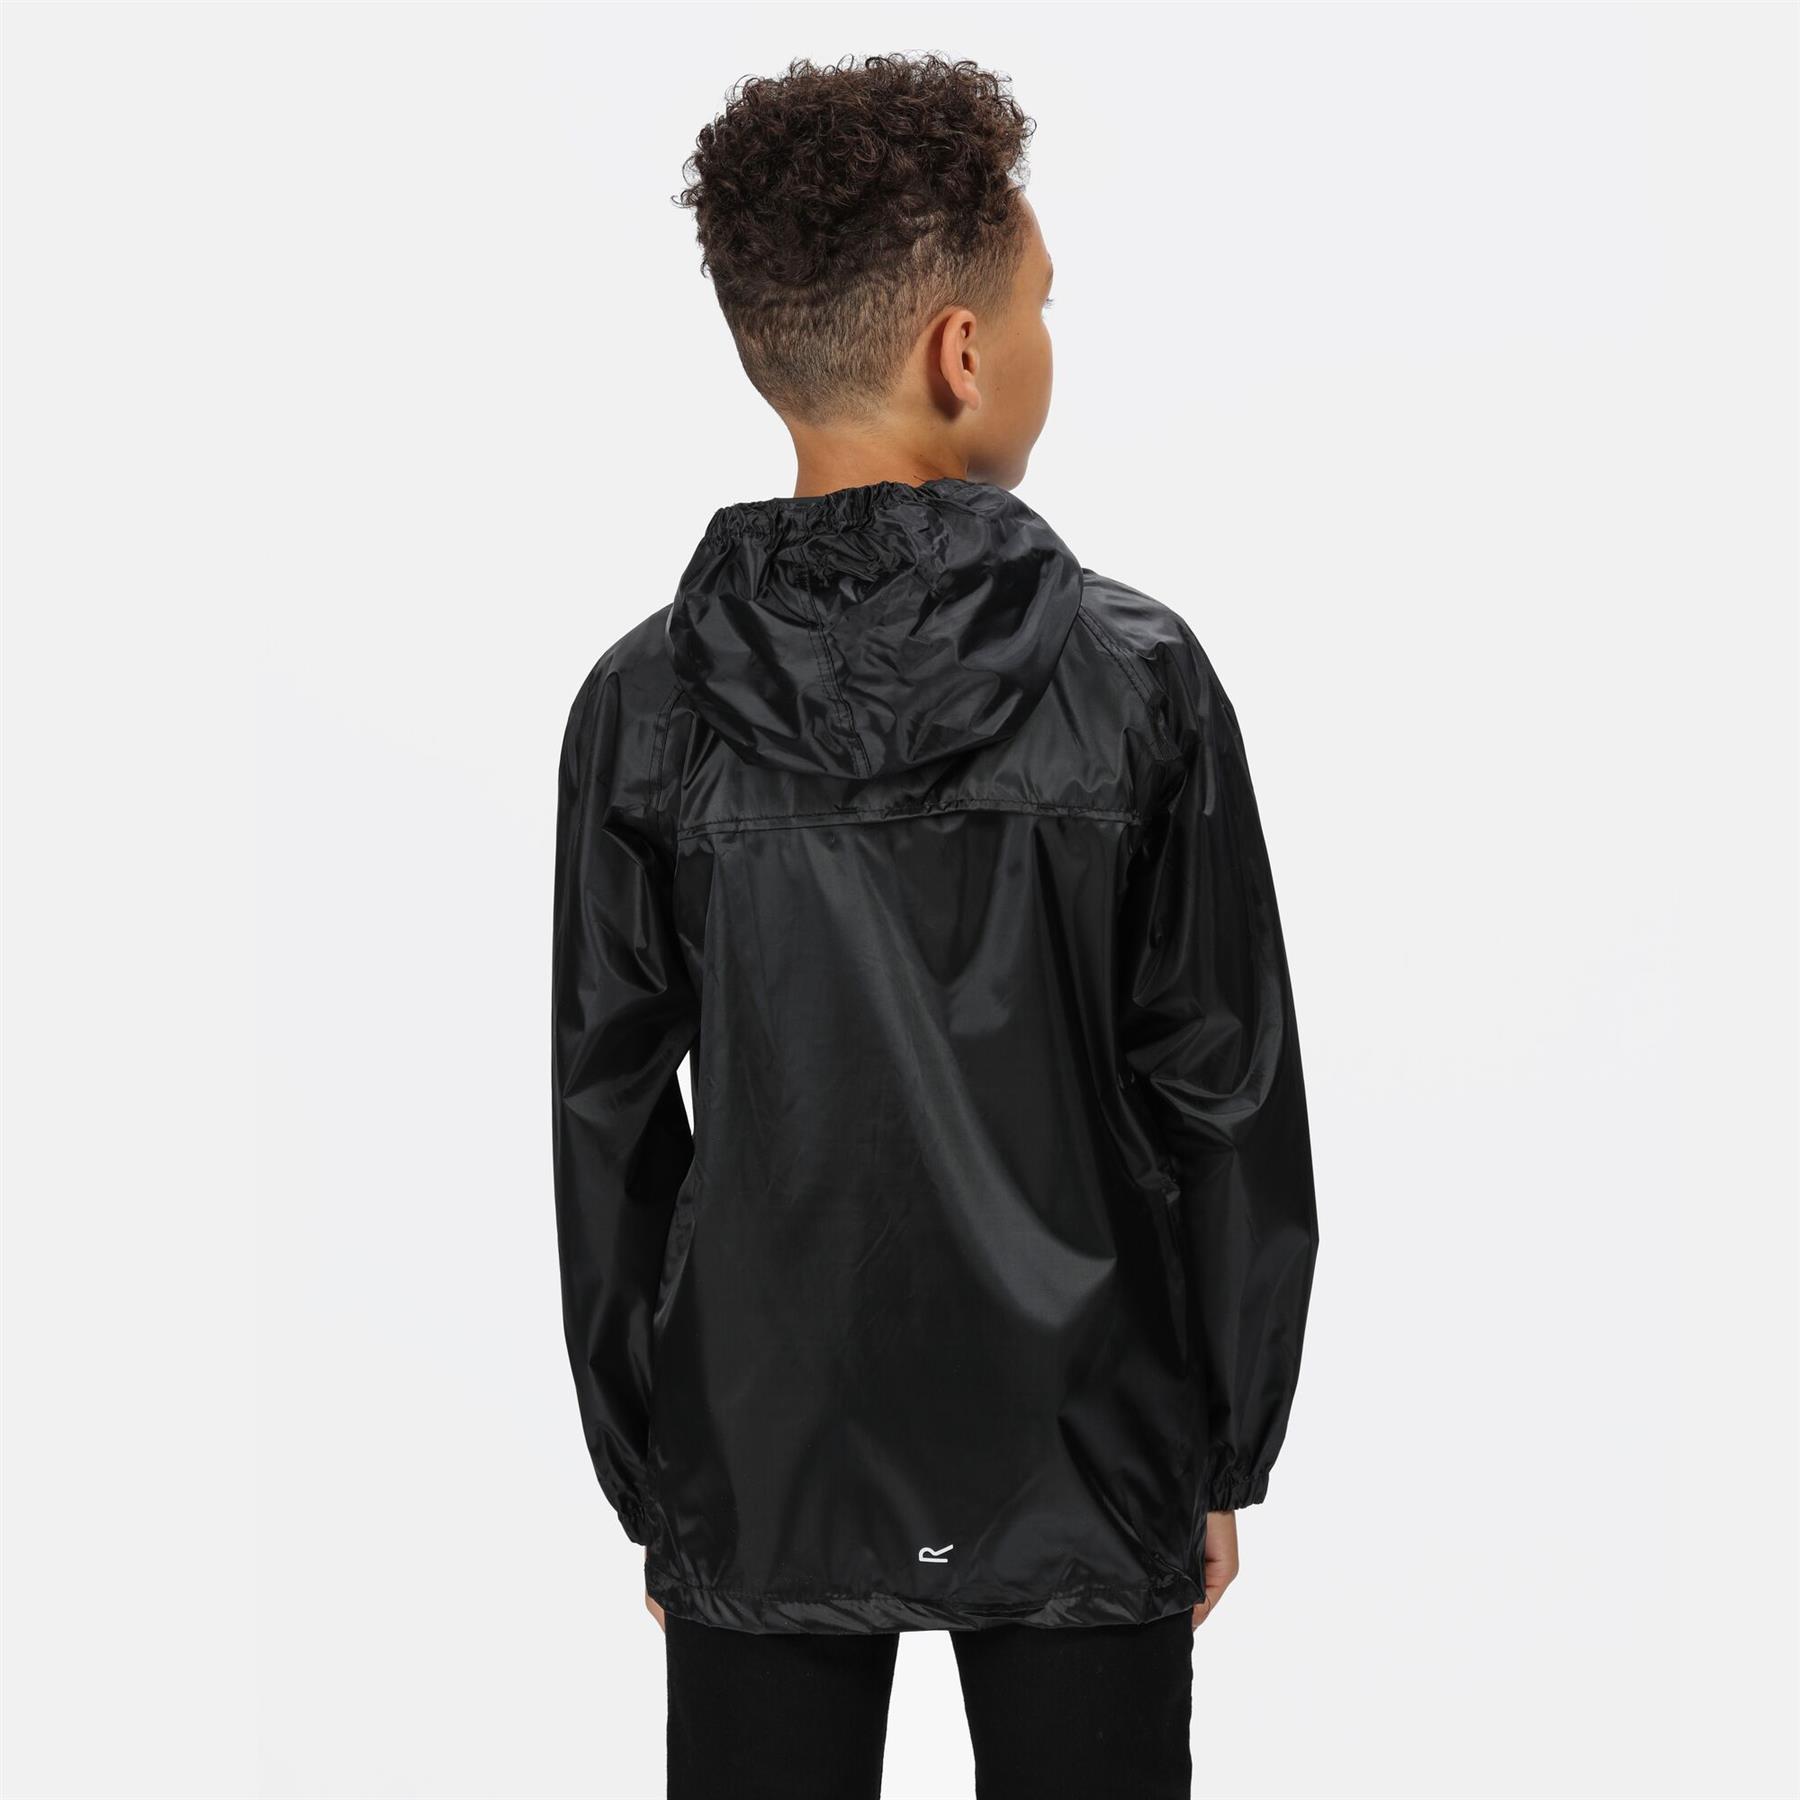 miniatuur 5 - Regatta Kids Waterproof Stormbreak Shell Jacket Hooded Rain coat Boys Girls